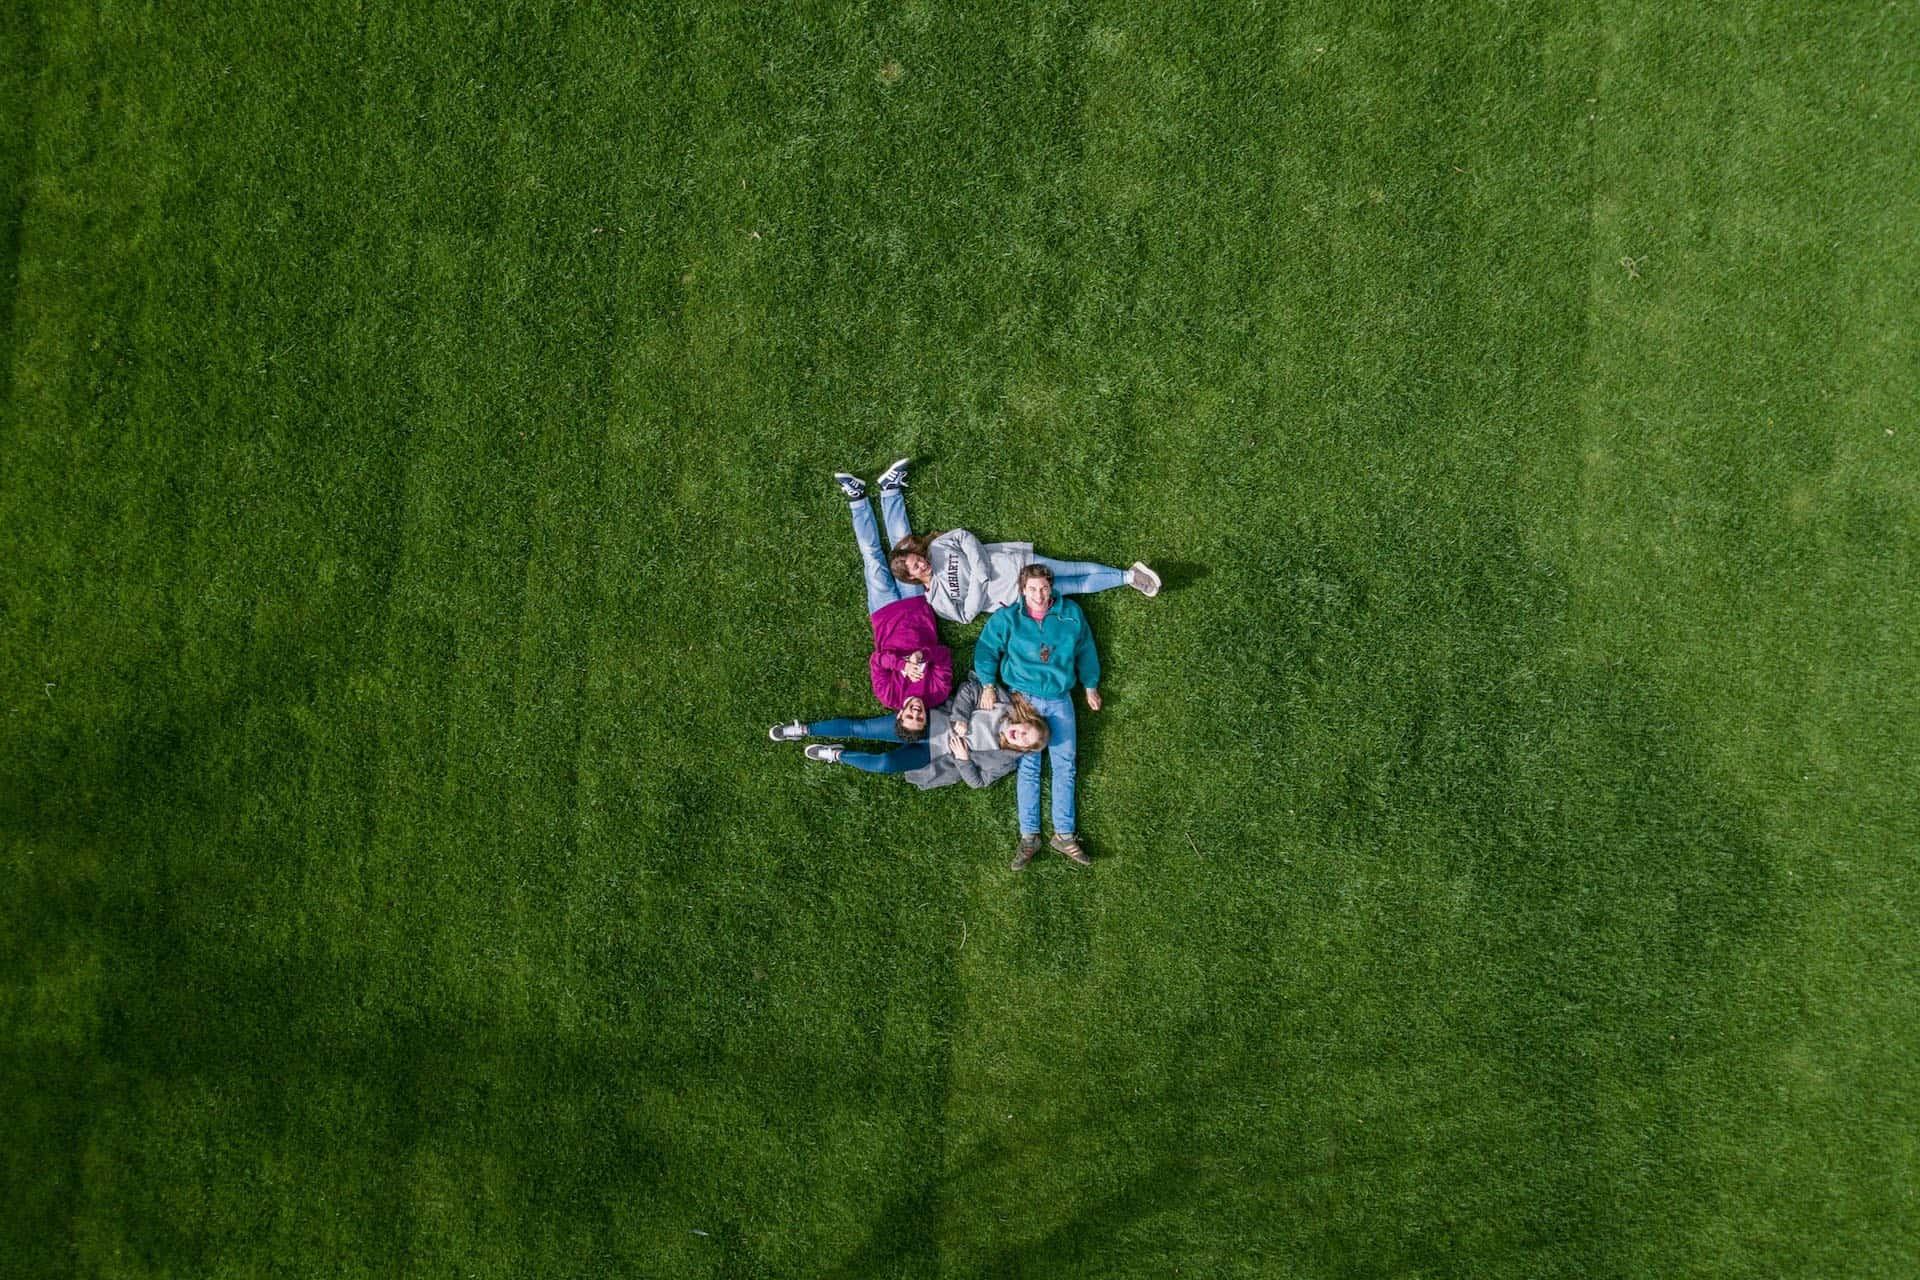 vier Menschen liegen zusammen auf einer Wiese